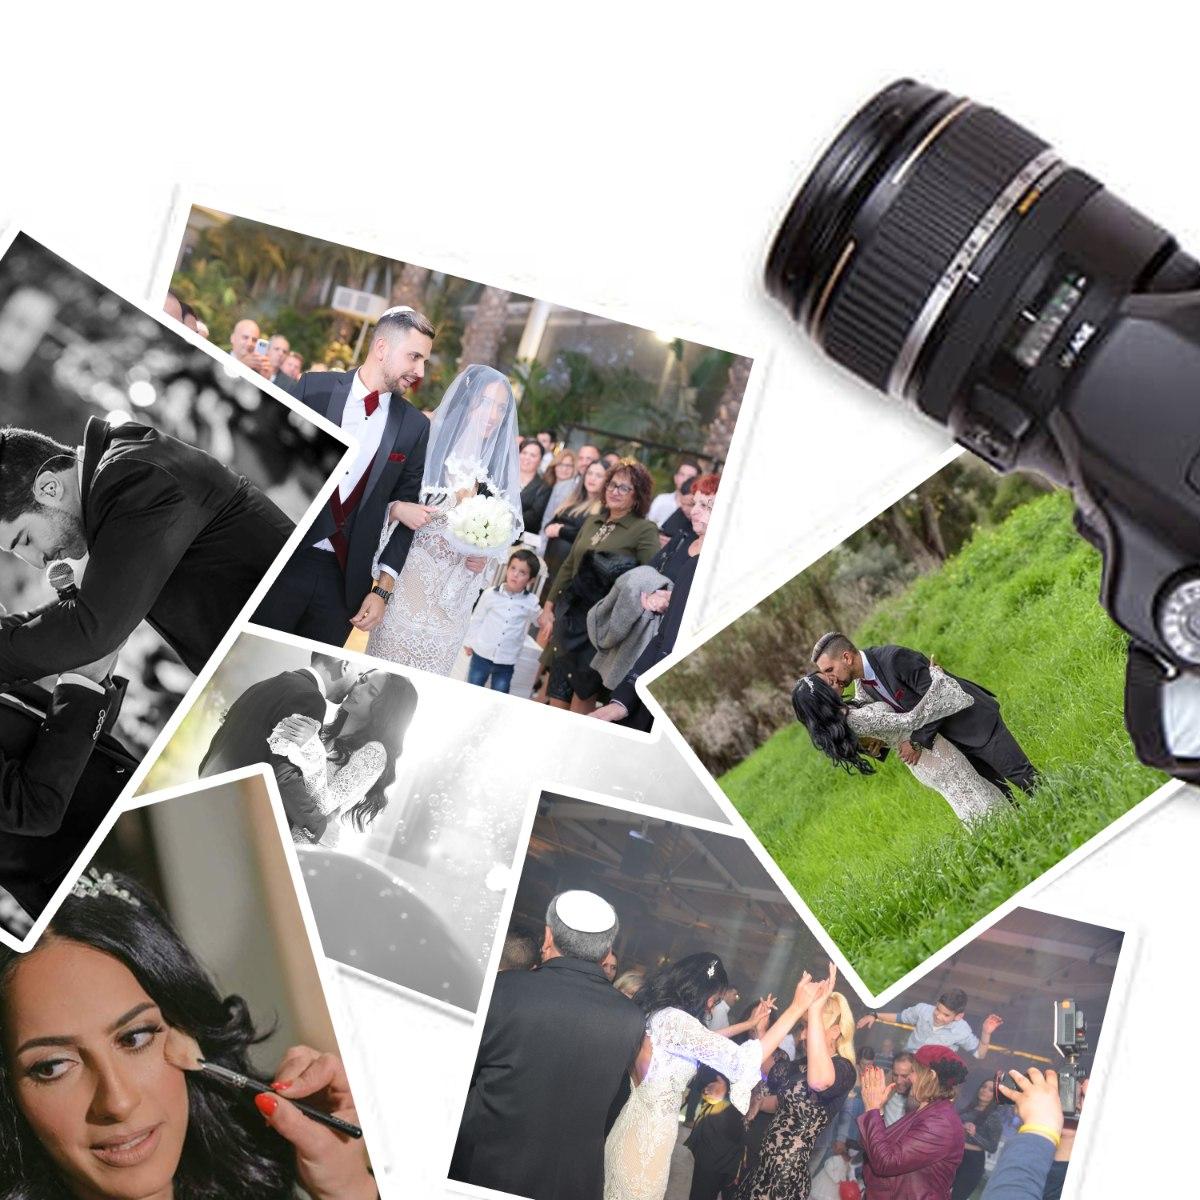 פיתוח תמונות כמות של 50 תמונות ומעלה